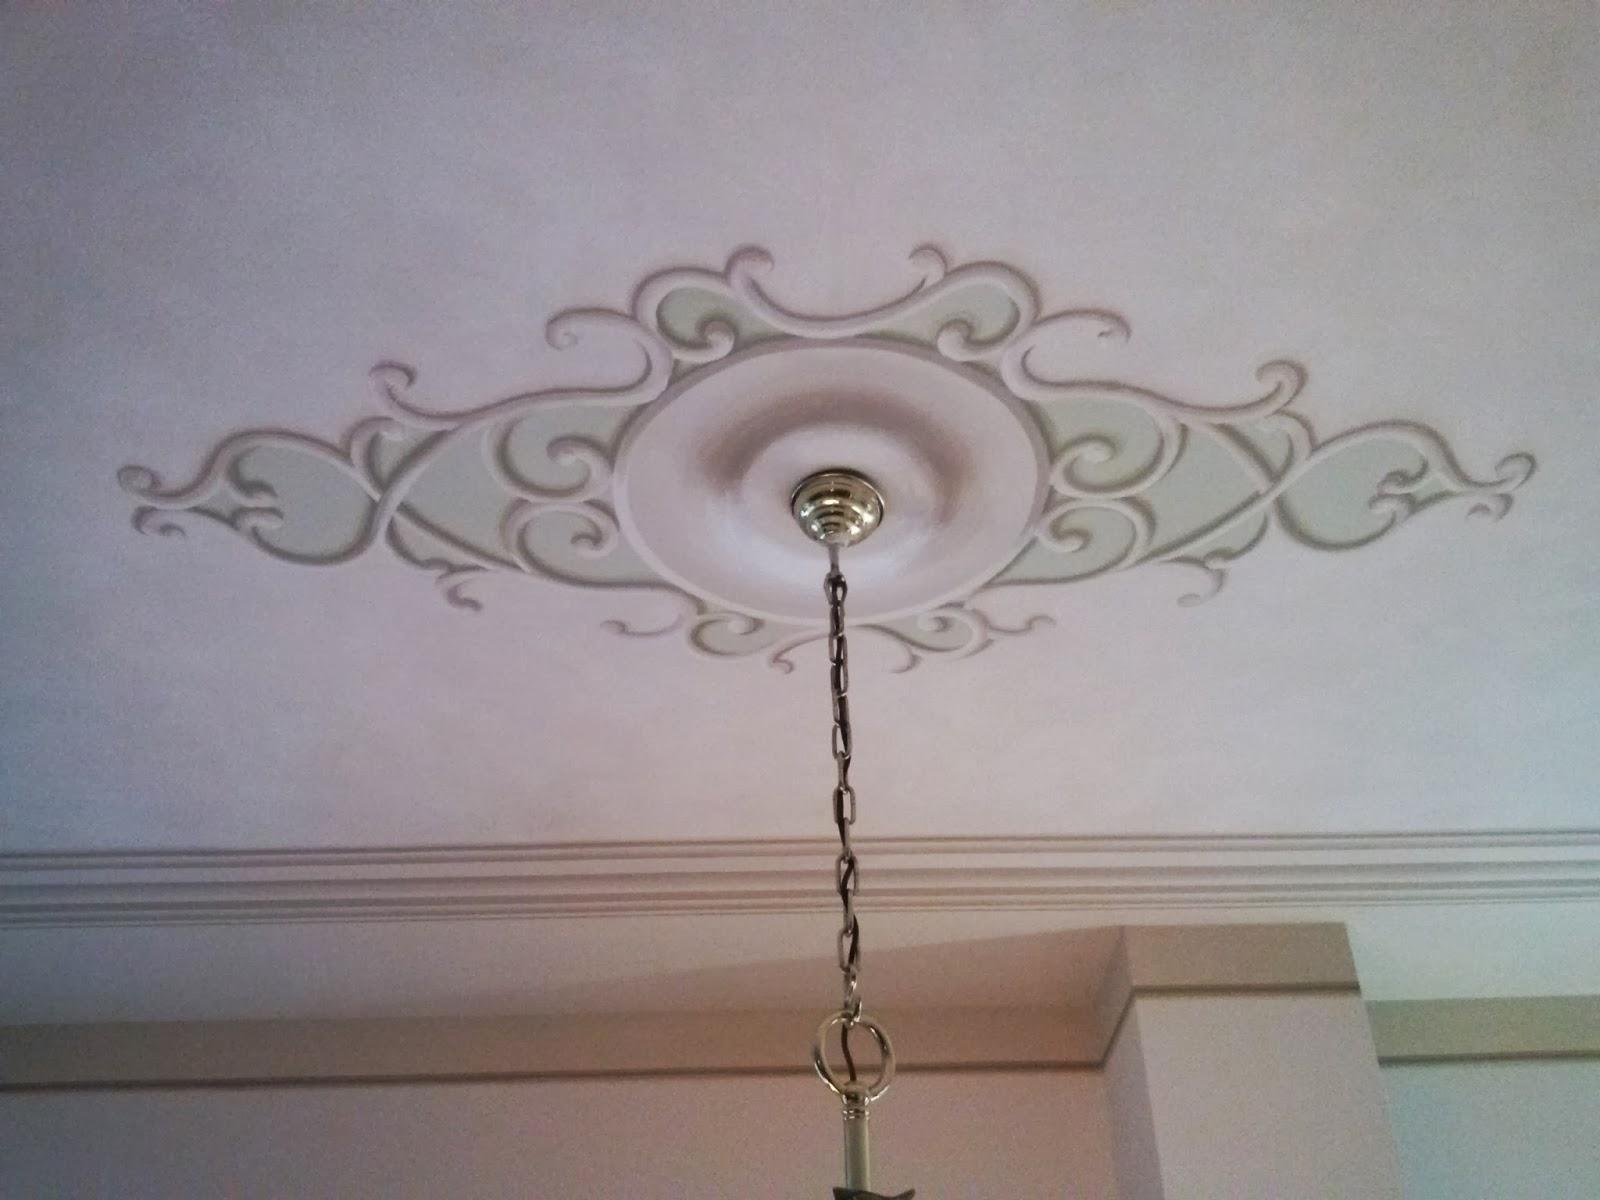 ARTERNATIVA DECORI: Soffitto con angolari, cornice e rosone.